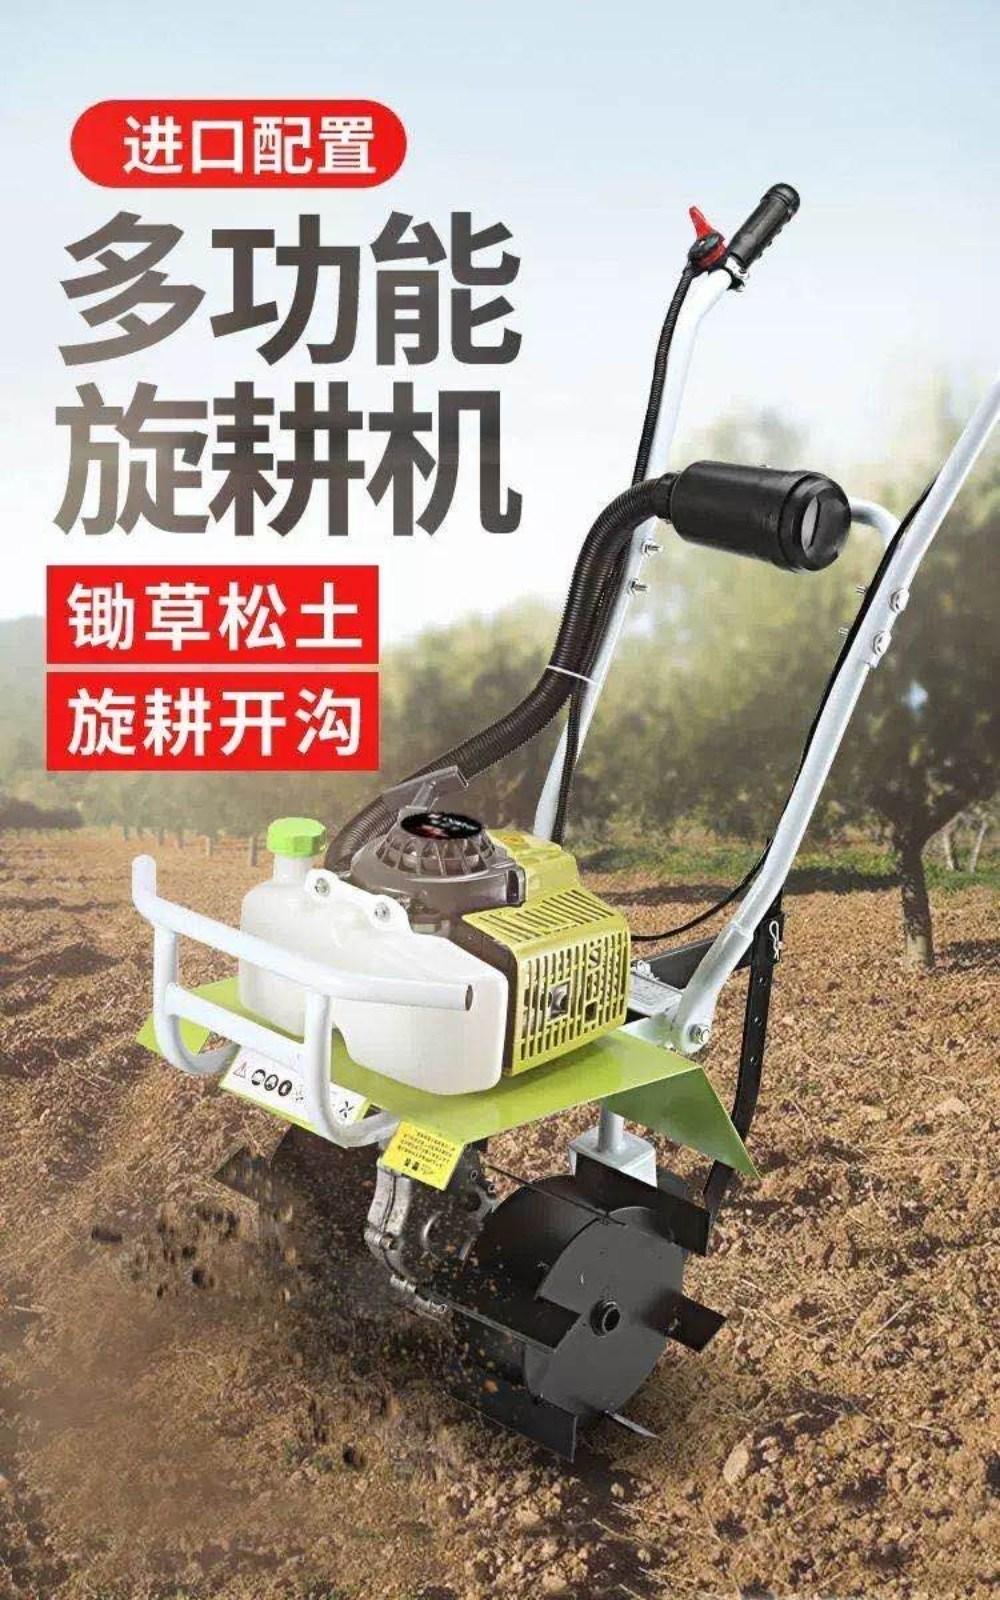 미니 경운기 로타리 밭가는 밭갈이 기계 마늘 고구마 수확기, C2개